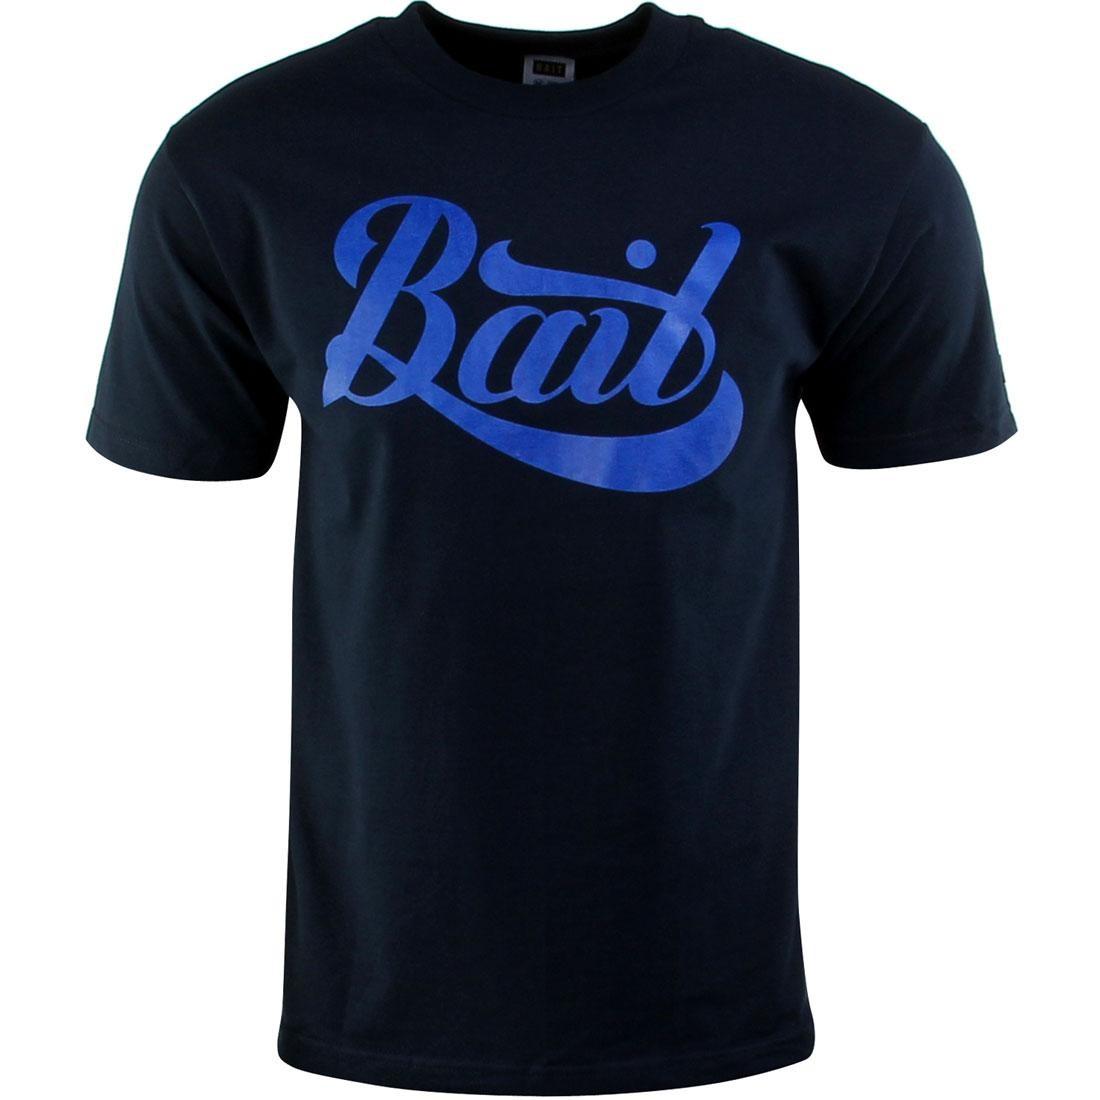 ベイト BAIT スクリプト ロゴ Tシャツ 紺 ネイビー 青 ブルー 【 NAVY BLUE BAIT SCRIPT LOGO TEE 】 メンズファッション トップス Tシャツ カットソー